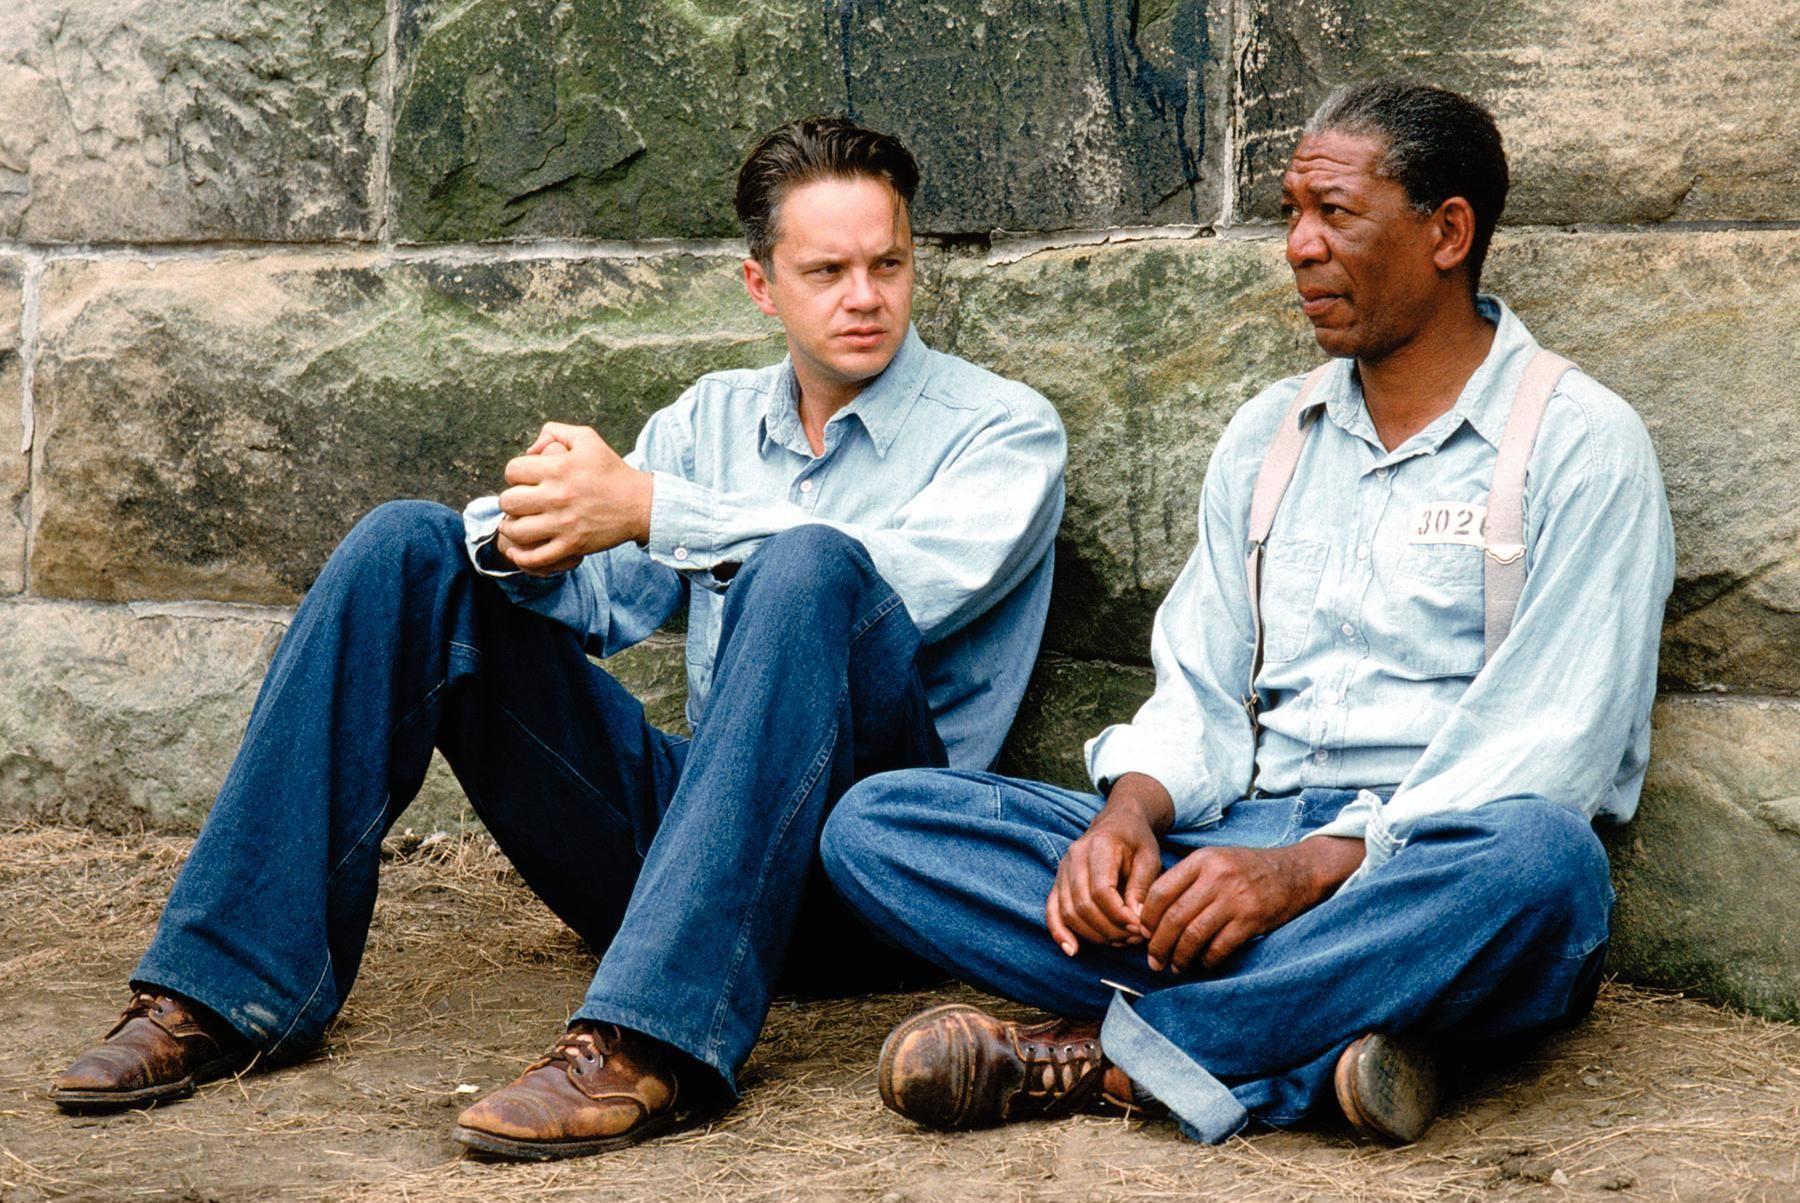 Վերջին 25 տարիների լավագույն 25 ֆիլմերը՝ աշխարհի կինոդիտողների համաձայն